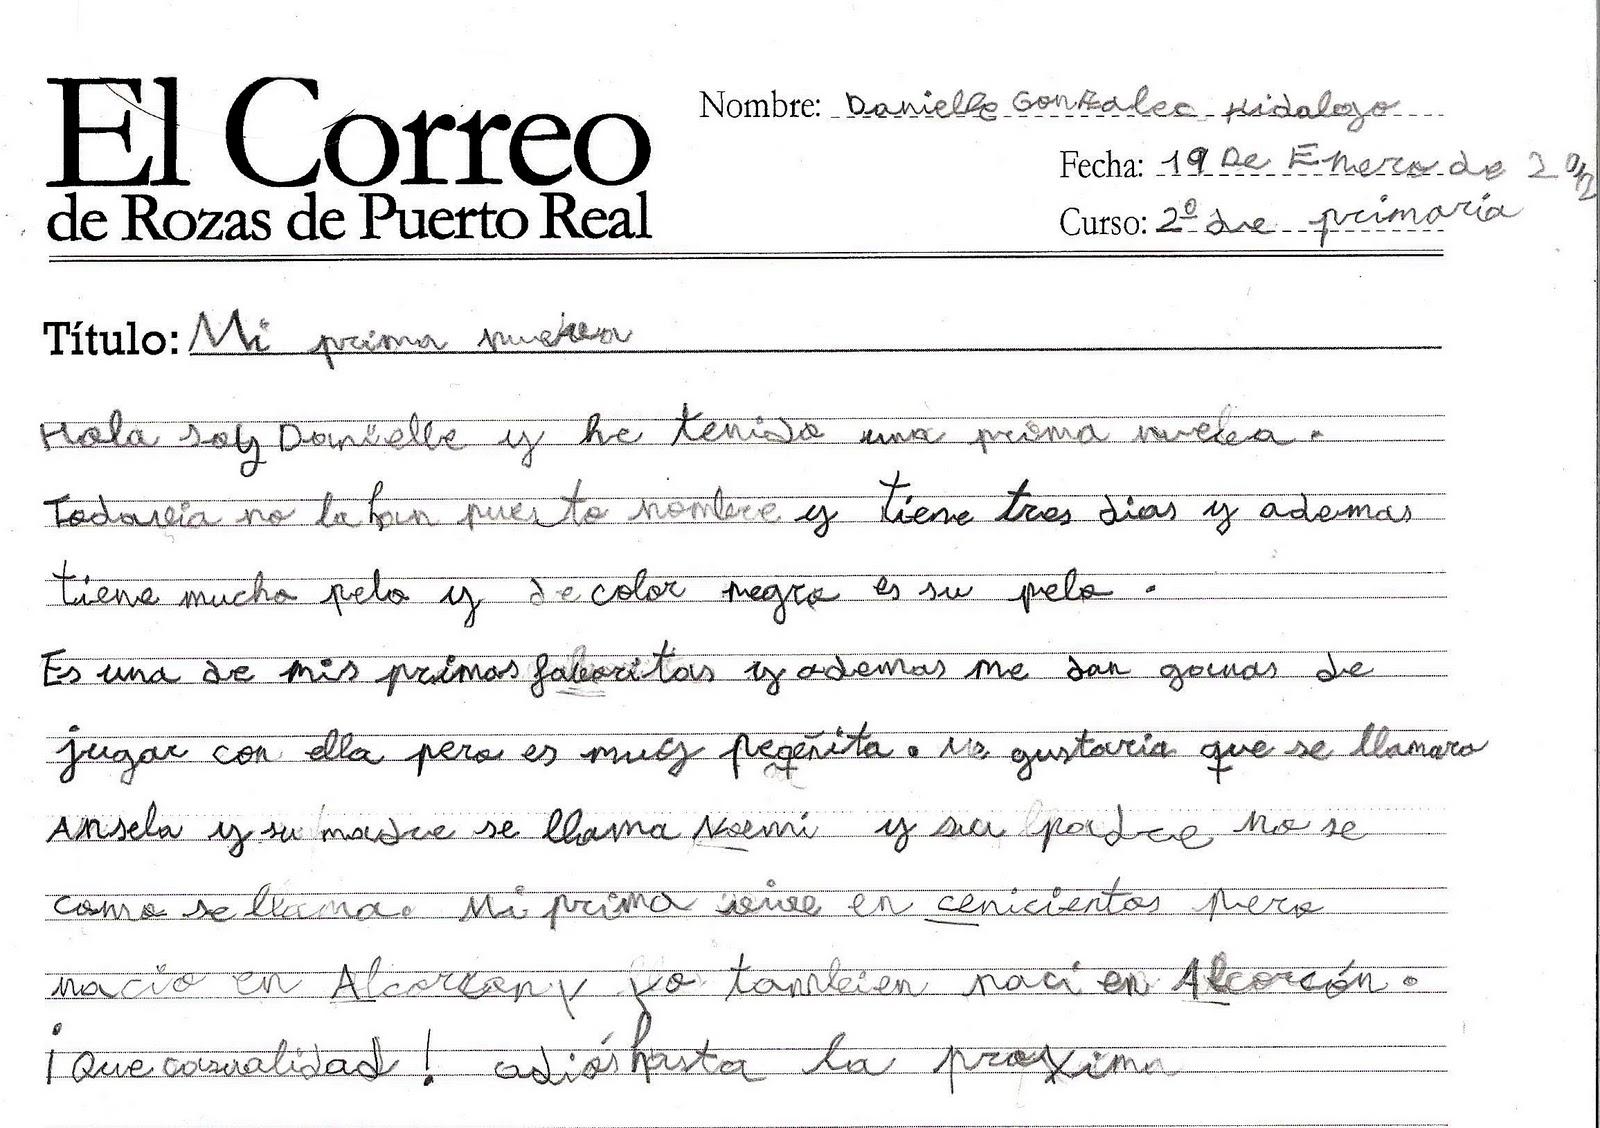 El correo de rozas de puerto real enero 2012 for Horario correos puerto real